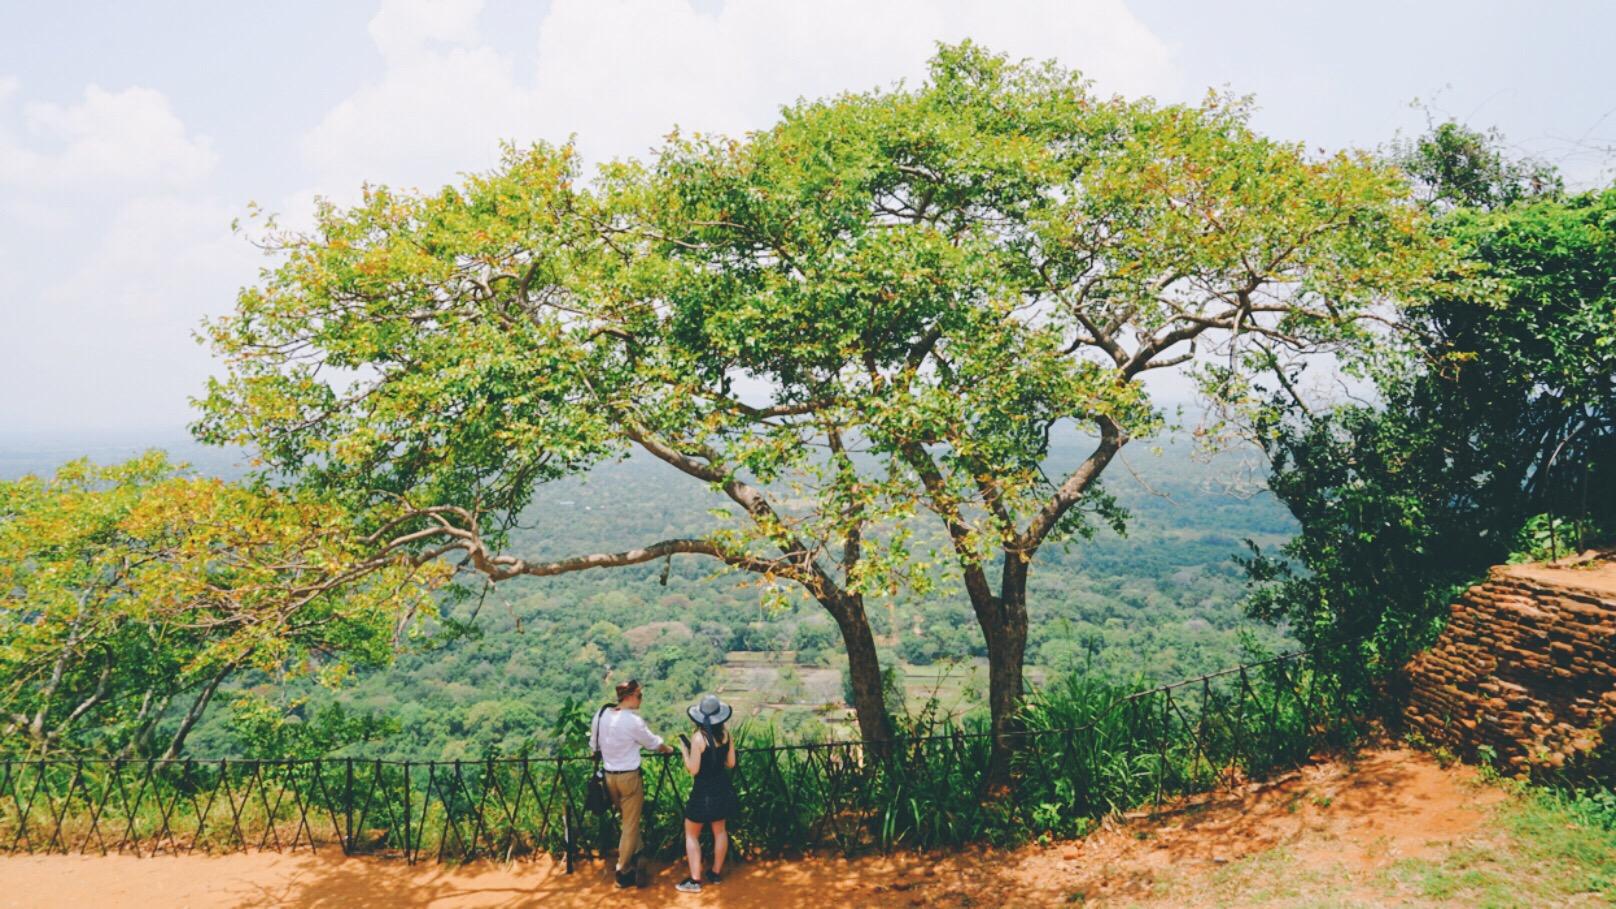 斯里蘭卡錫吉里耶獅子岩+斯里蘭卡丹布勒石窟一日遊(科倫坡出發+英文嚮導+在線中文管家)